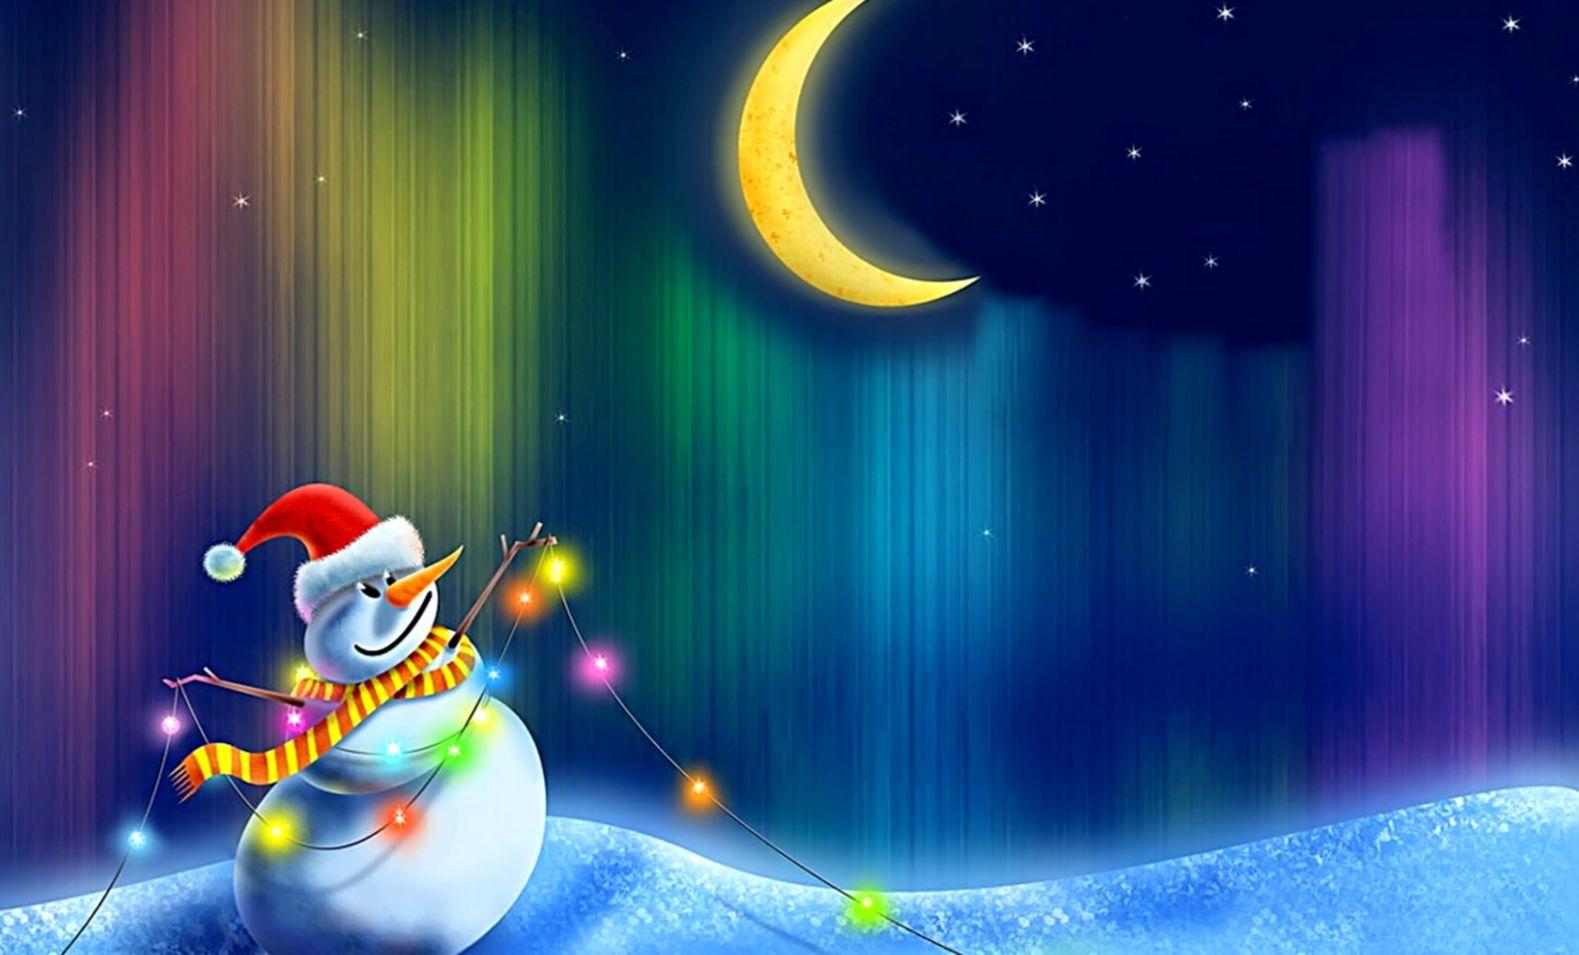 christmas wallpaper and screensavers animated image wallpapers hd - Christmas Screensavers Animated